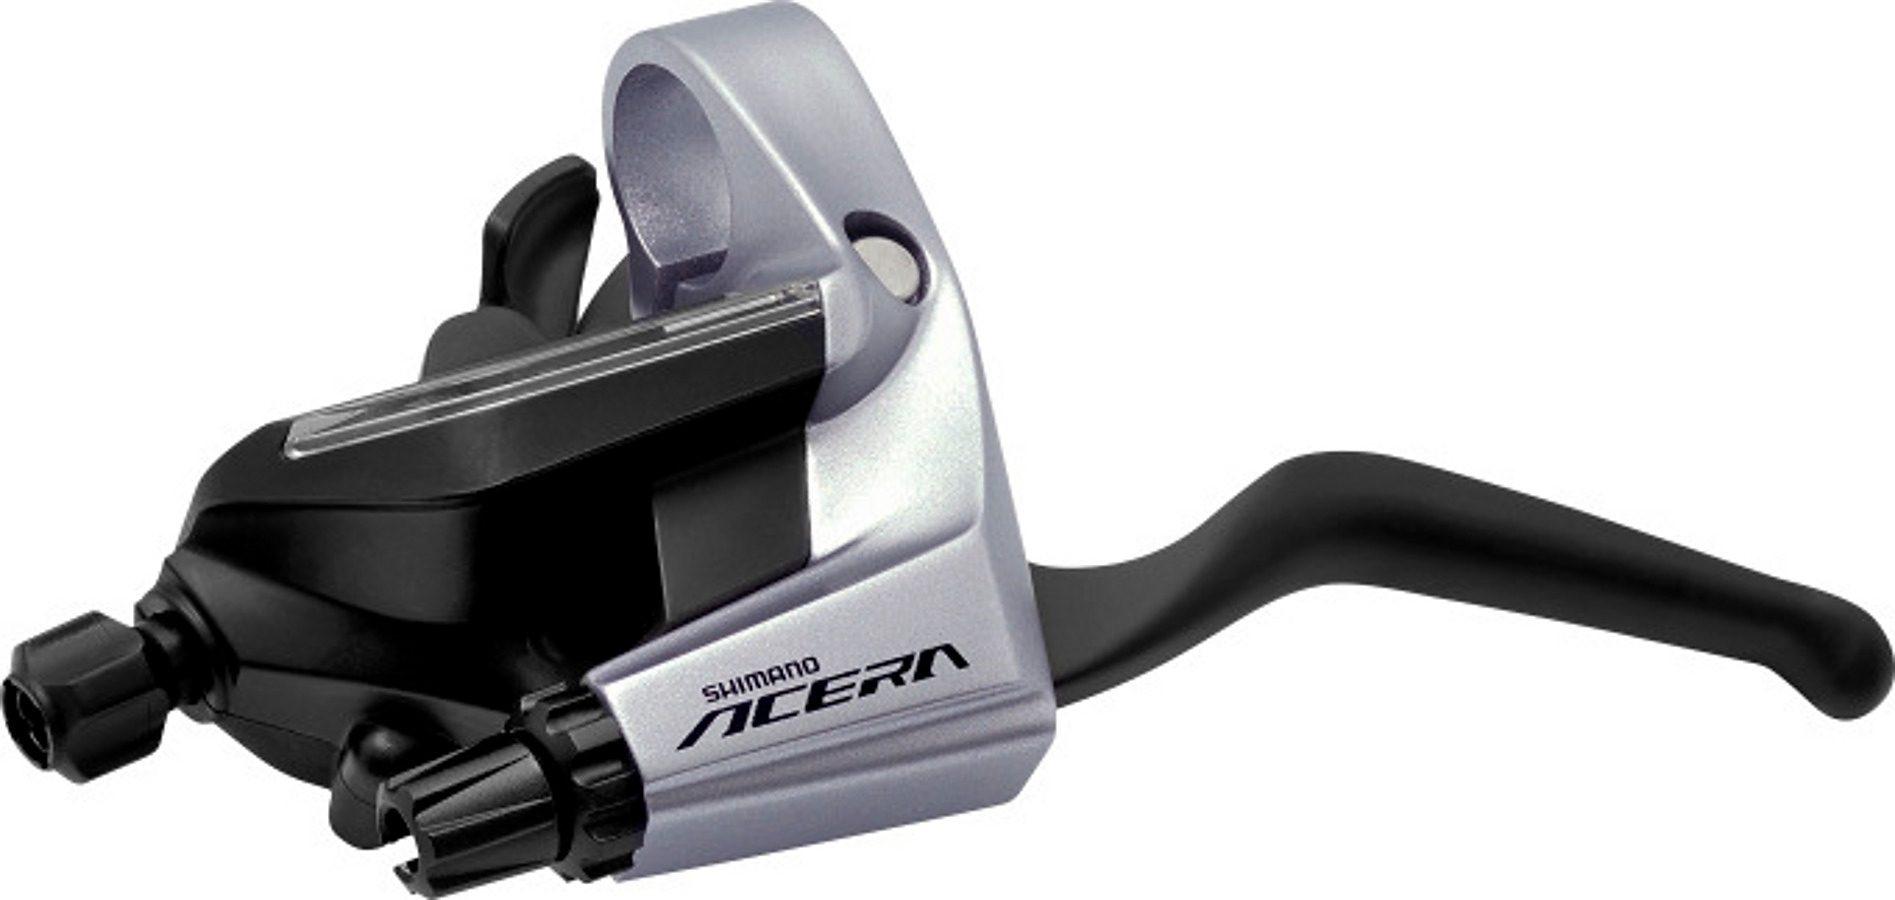 Shimano Schaltung »Acera ST-T3000 Schalt-/Bremshebel 3-fach VR«